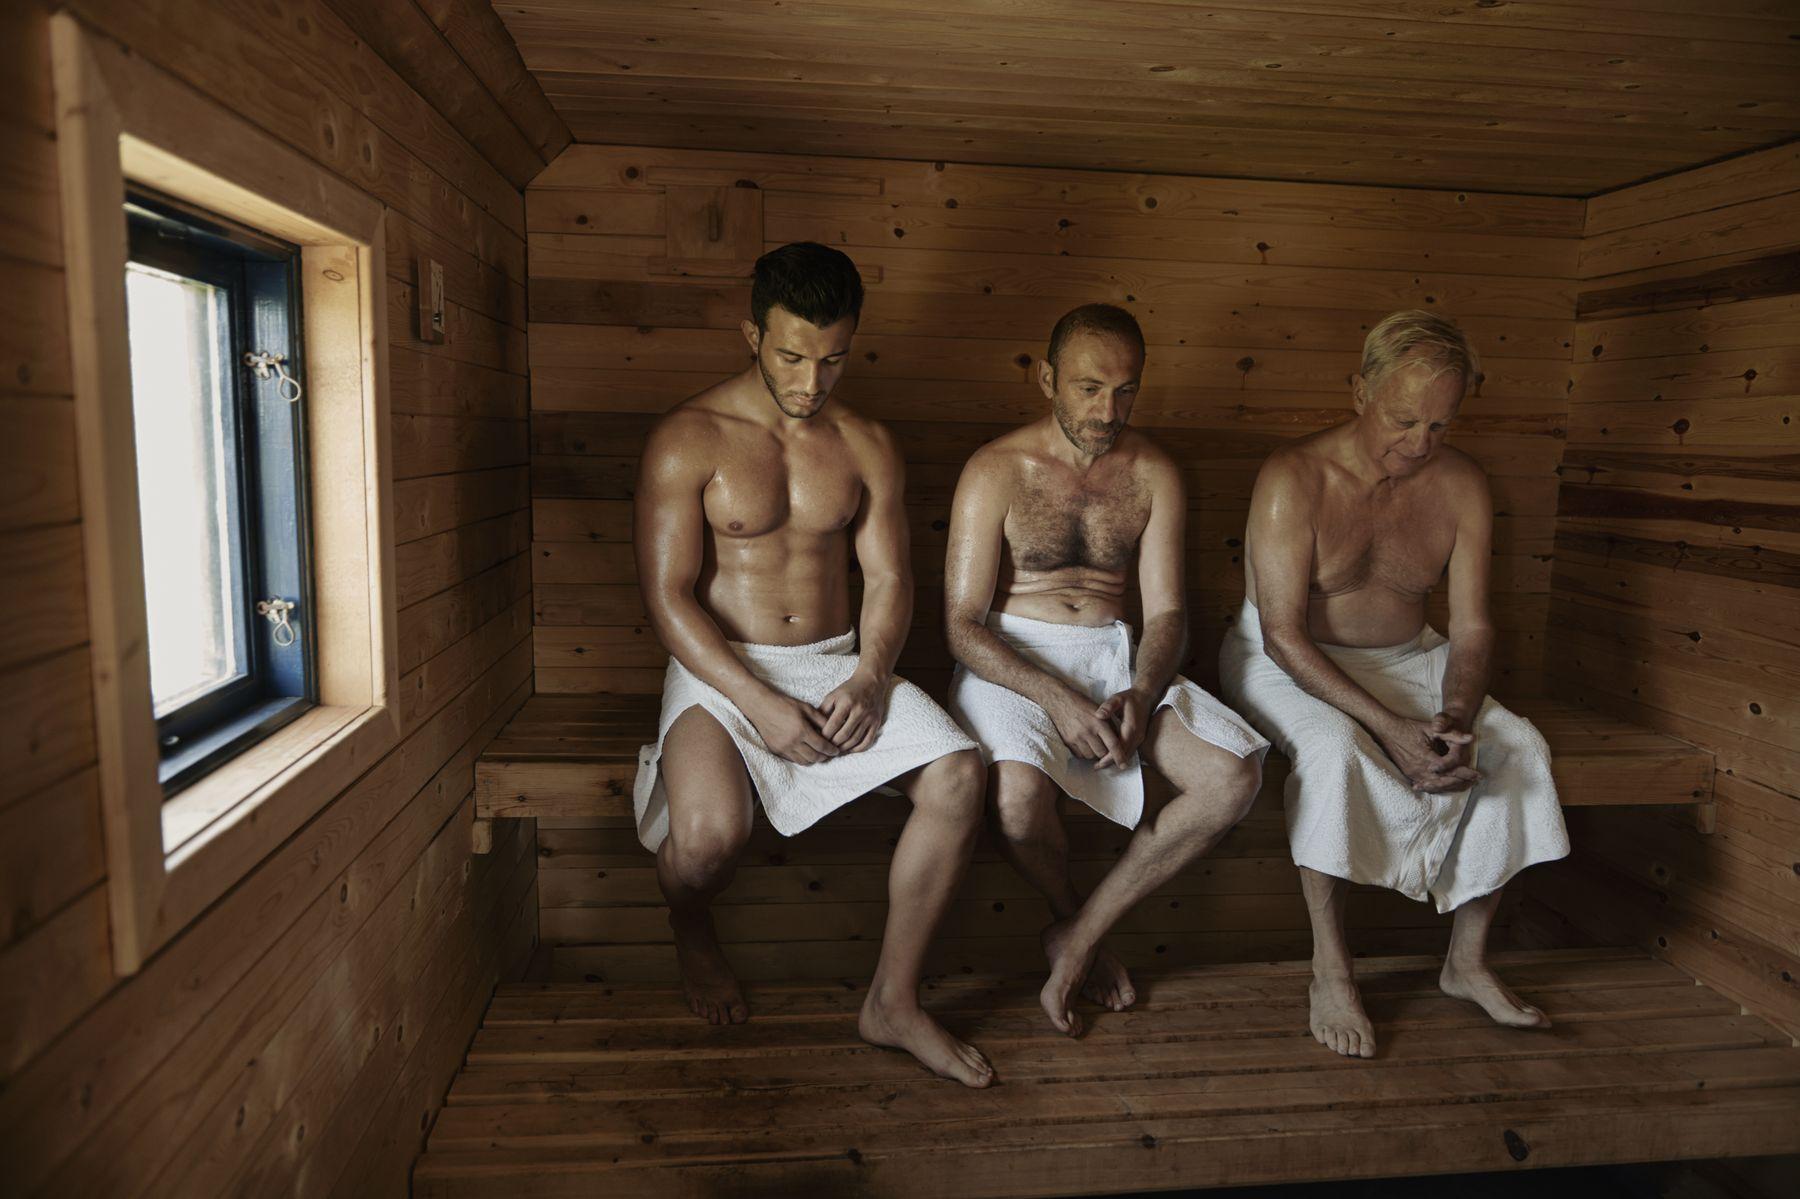 Рассказ секс в бане с друзьями, Порно рассказ: В первый раз с другом в бане 8 фотография